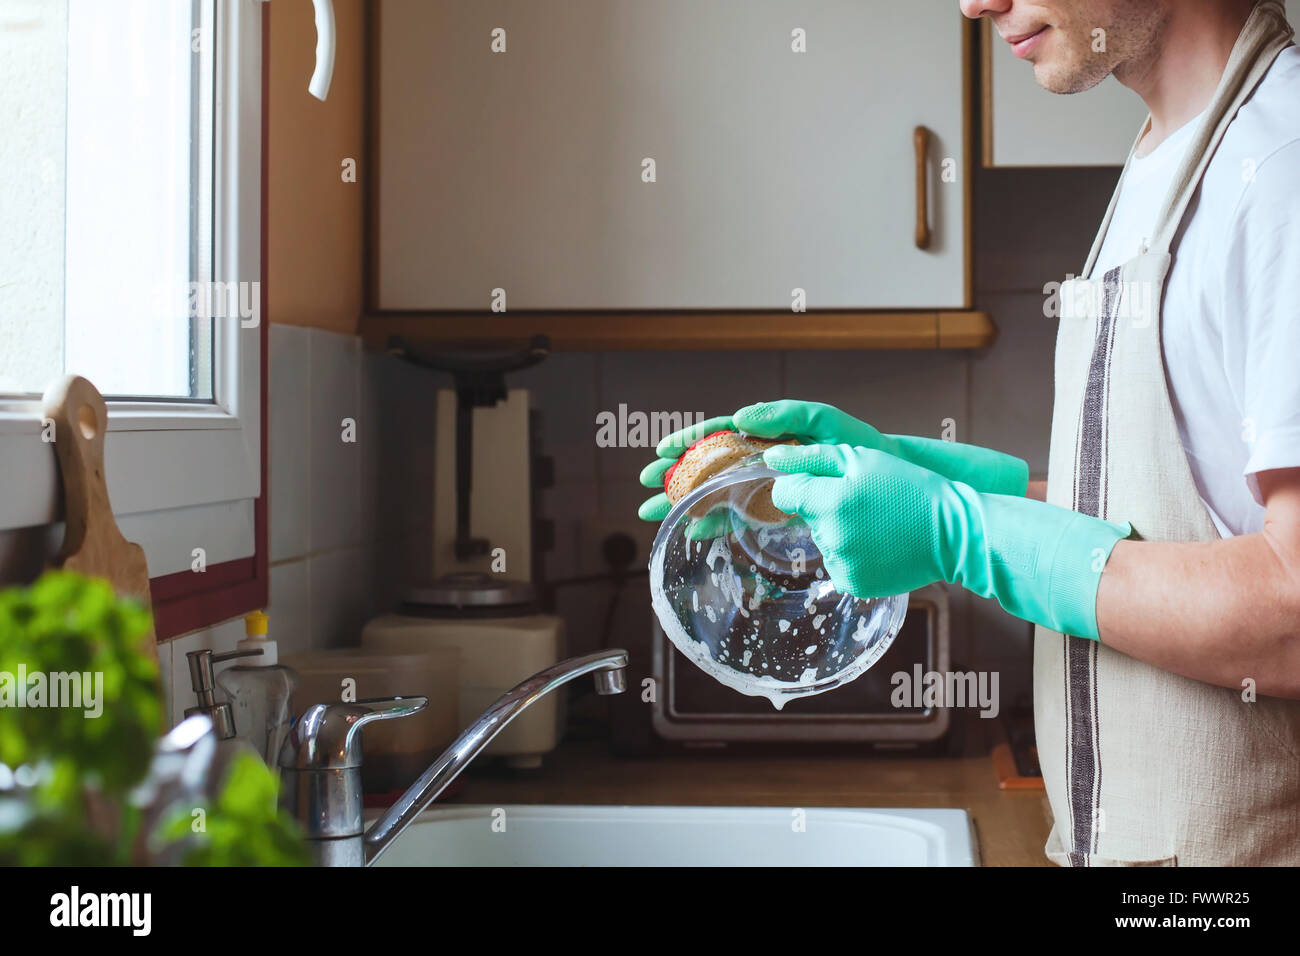 Mann abwaschen in der Küche zu Hause zu versenken, Nahaufnahme von Hand mit Schwamm und Seife, Hausarbeit Stockbild